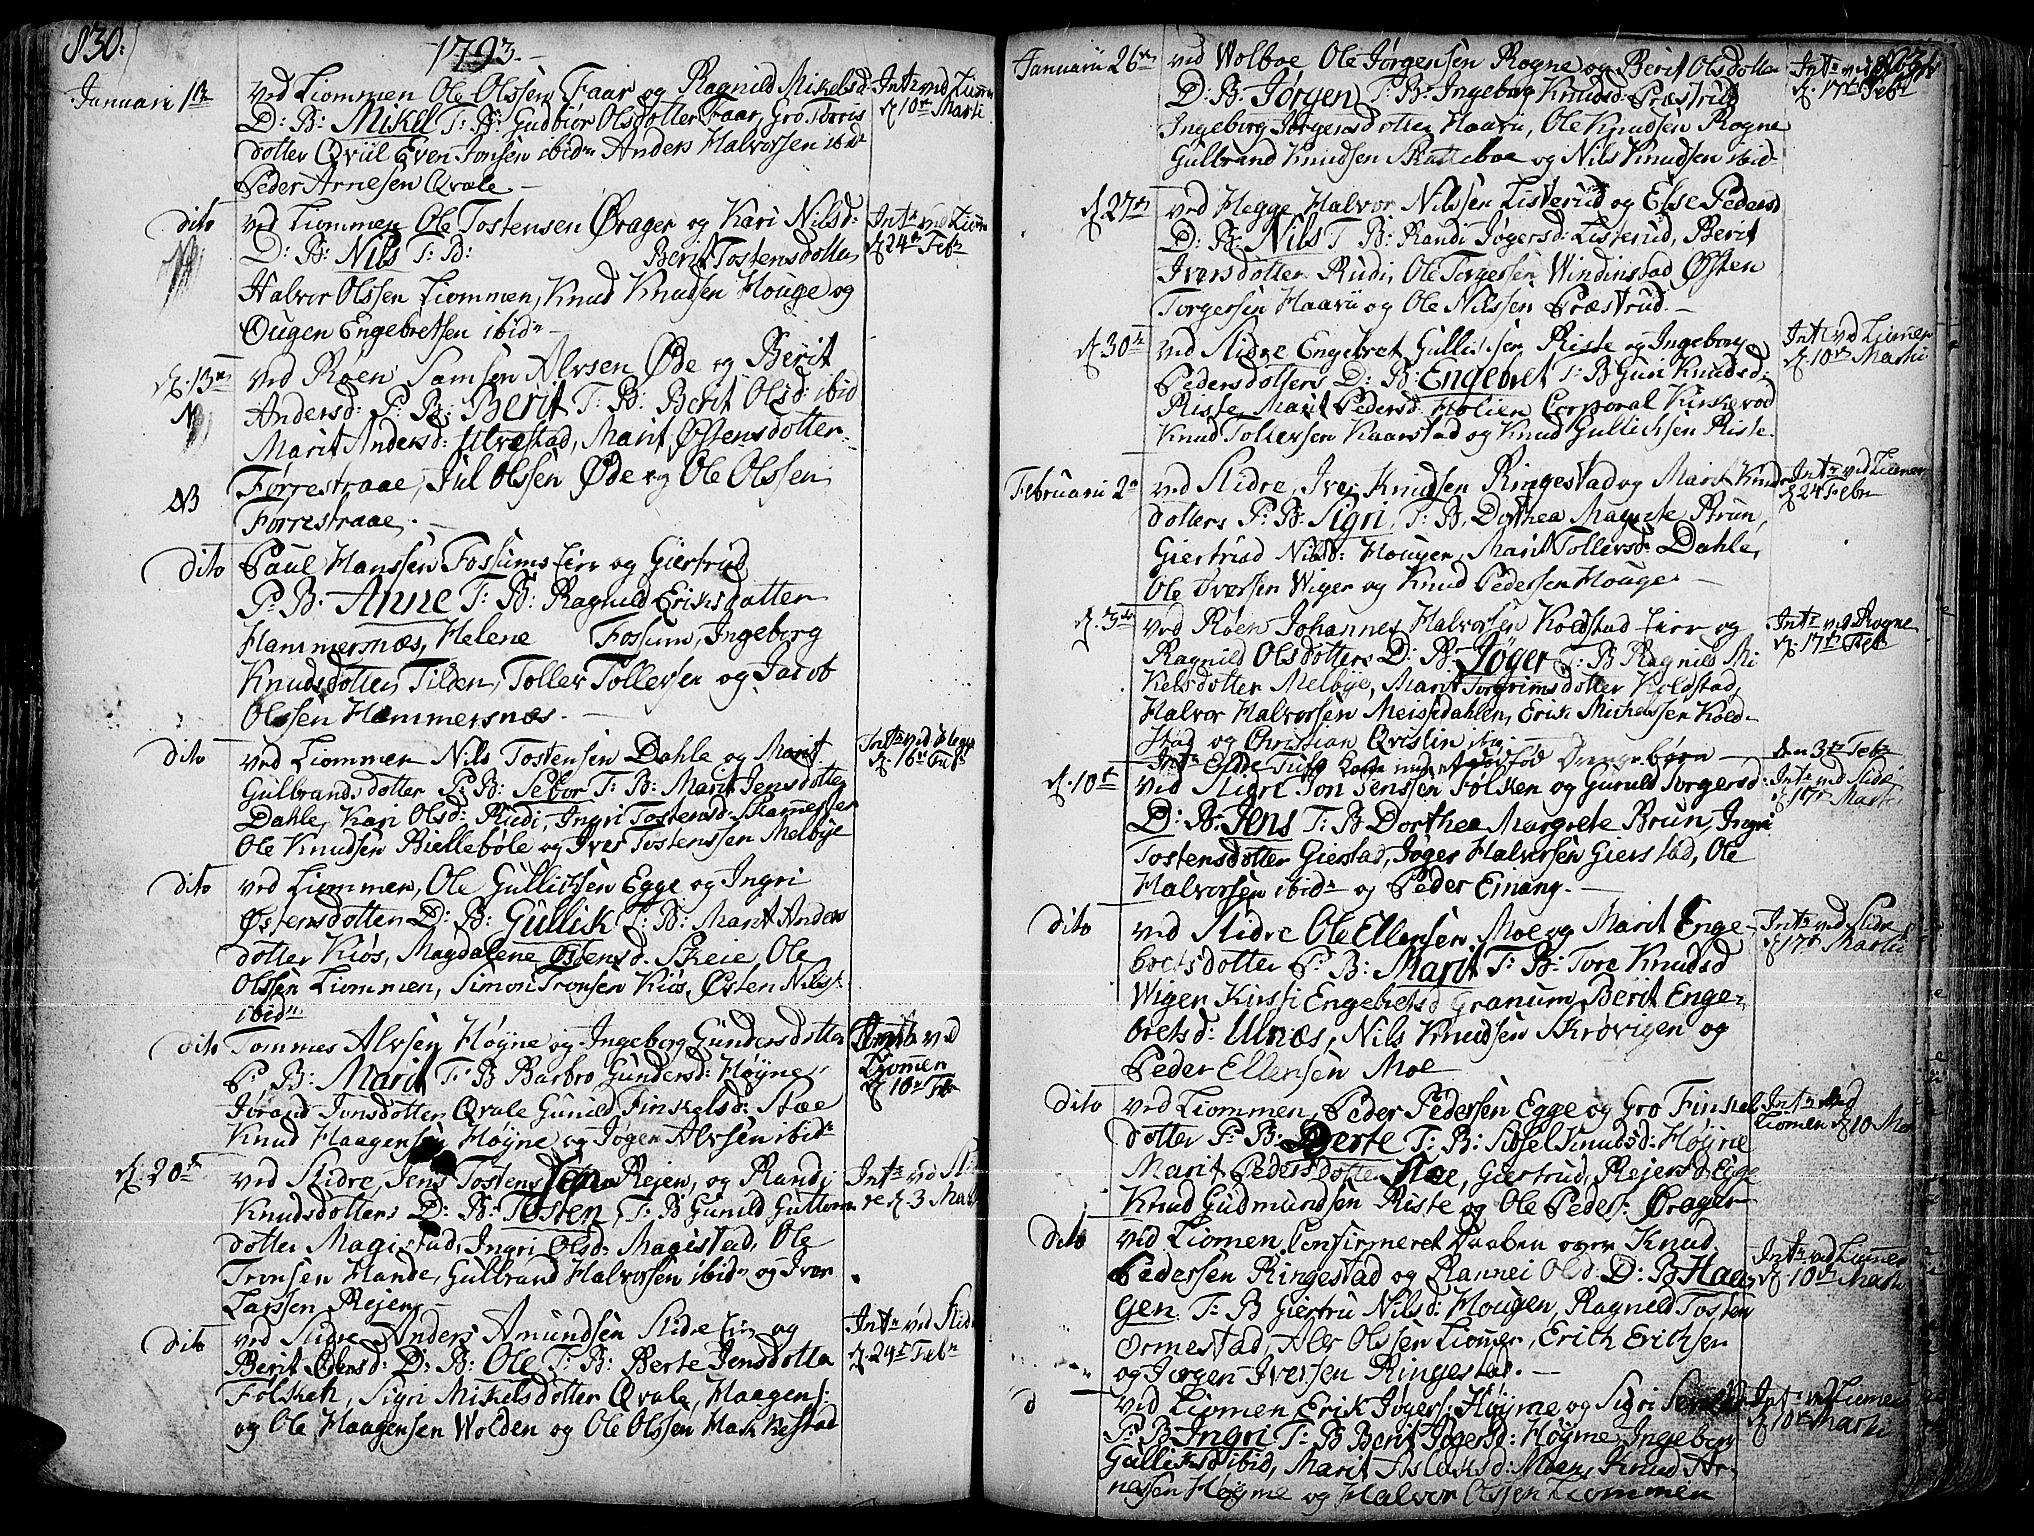 SAH, Slidre prestekontor, Ministerialbok nr. 1, 1724-1814, s. 830-831